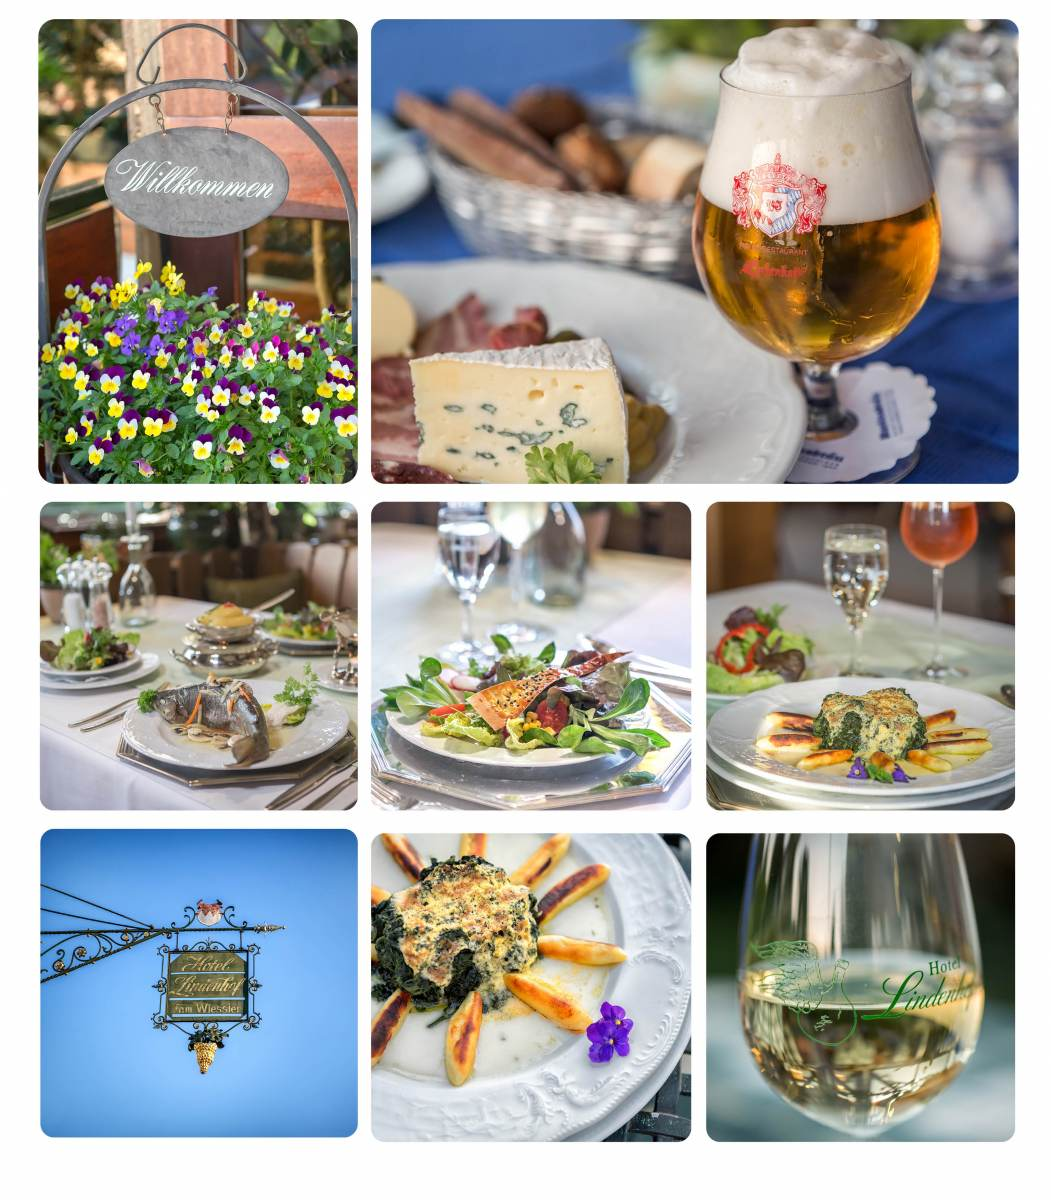 Ambient & Foodfotografie für Lindenhof